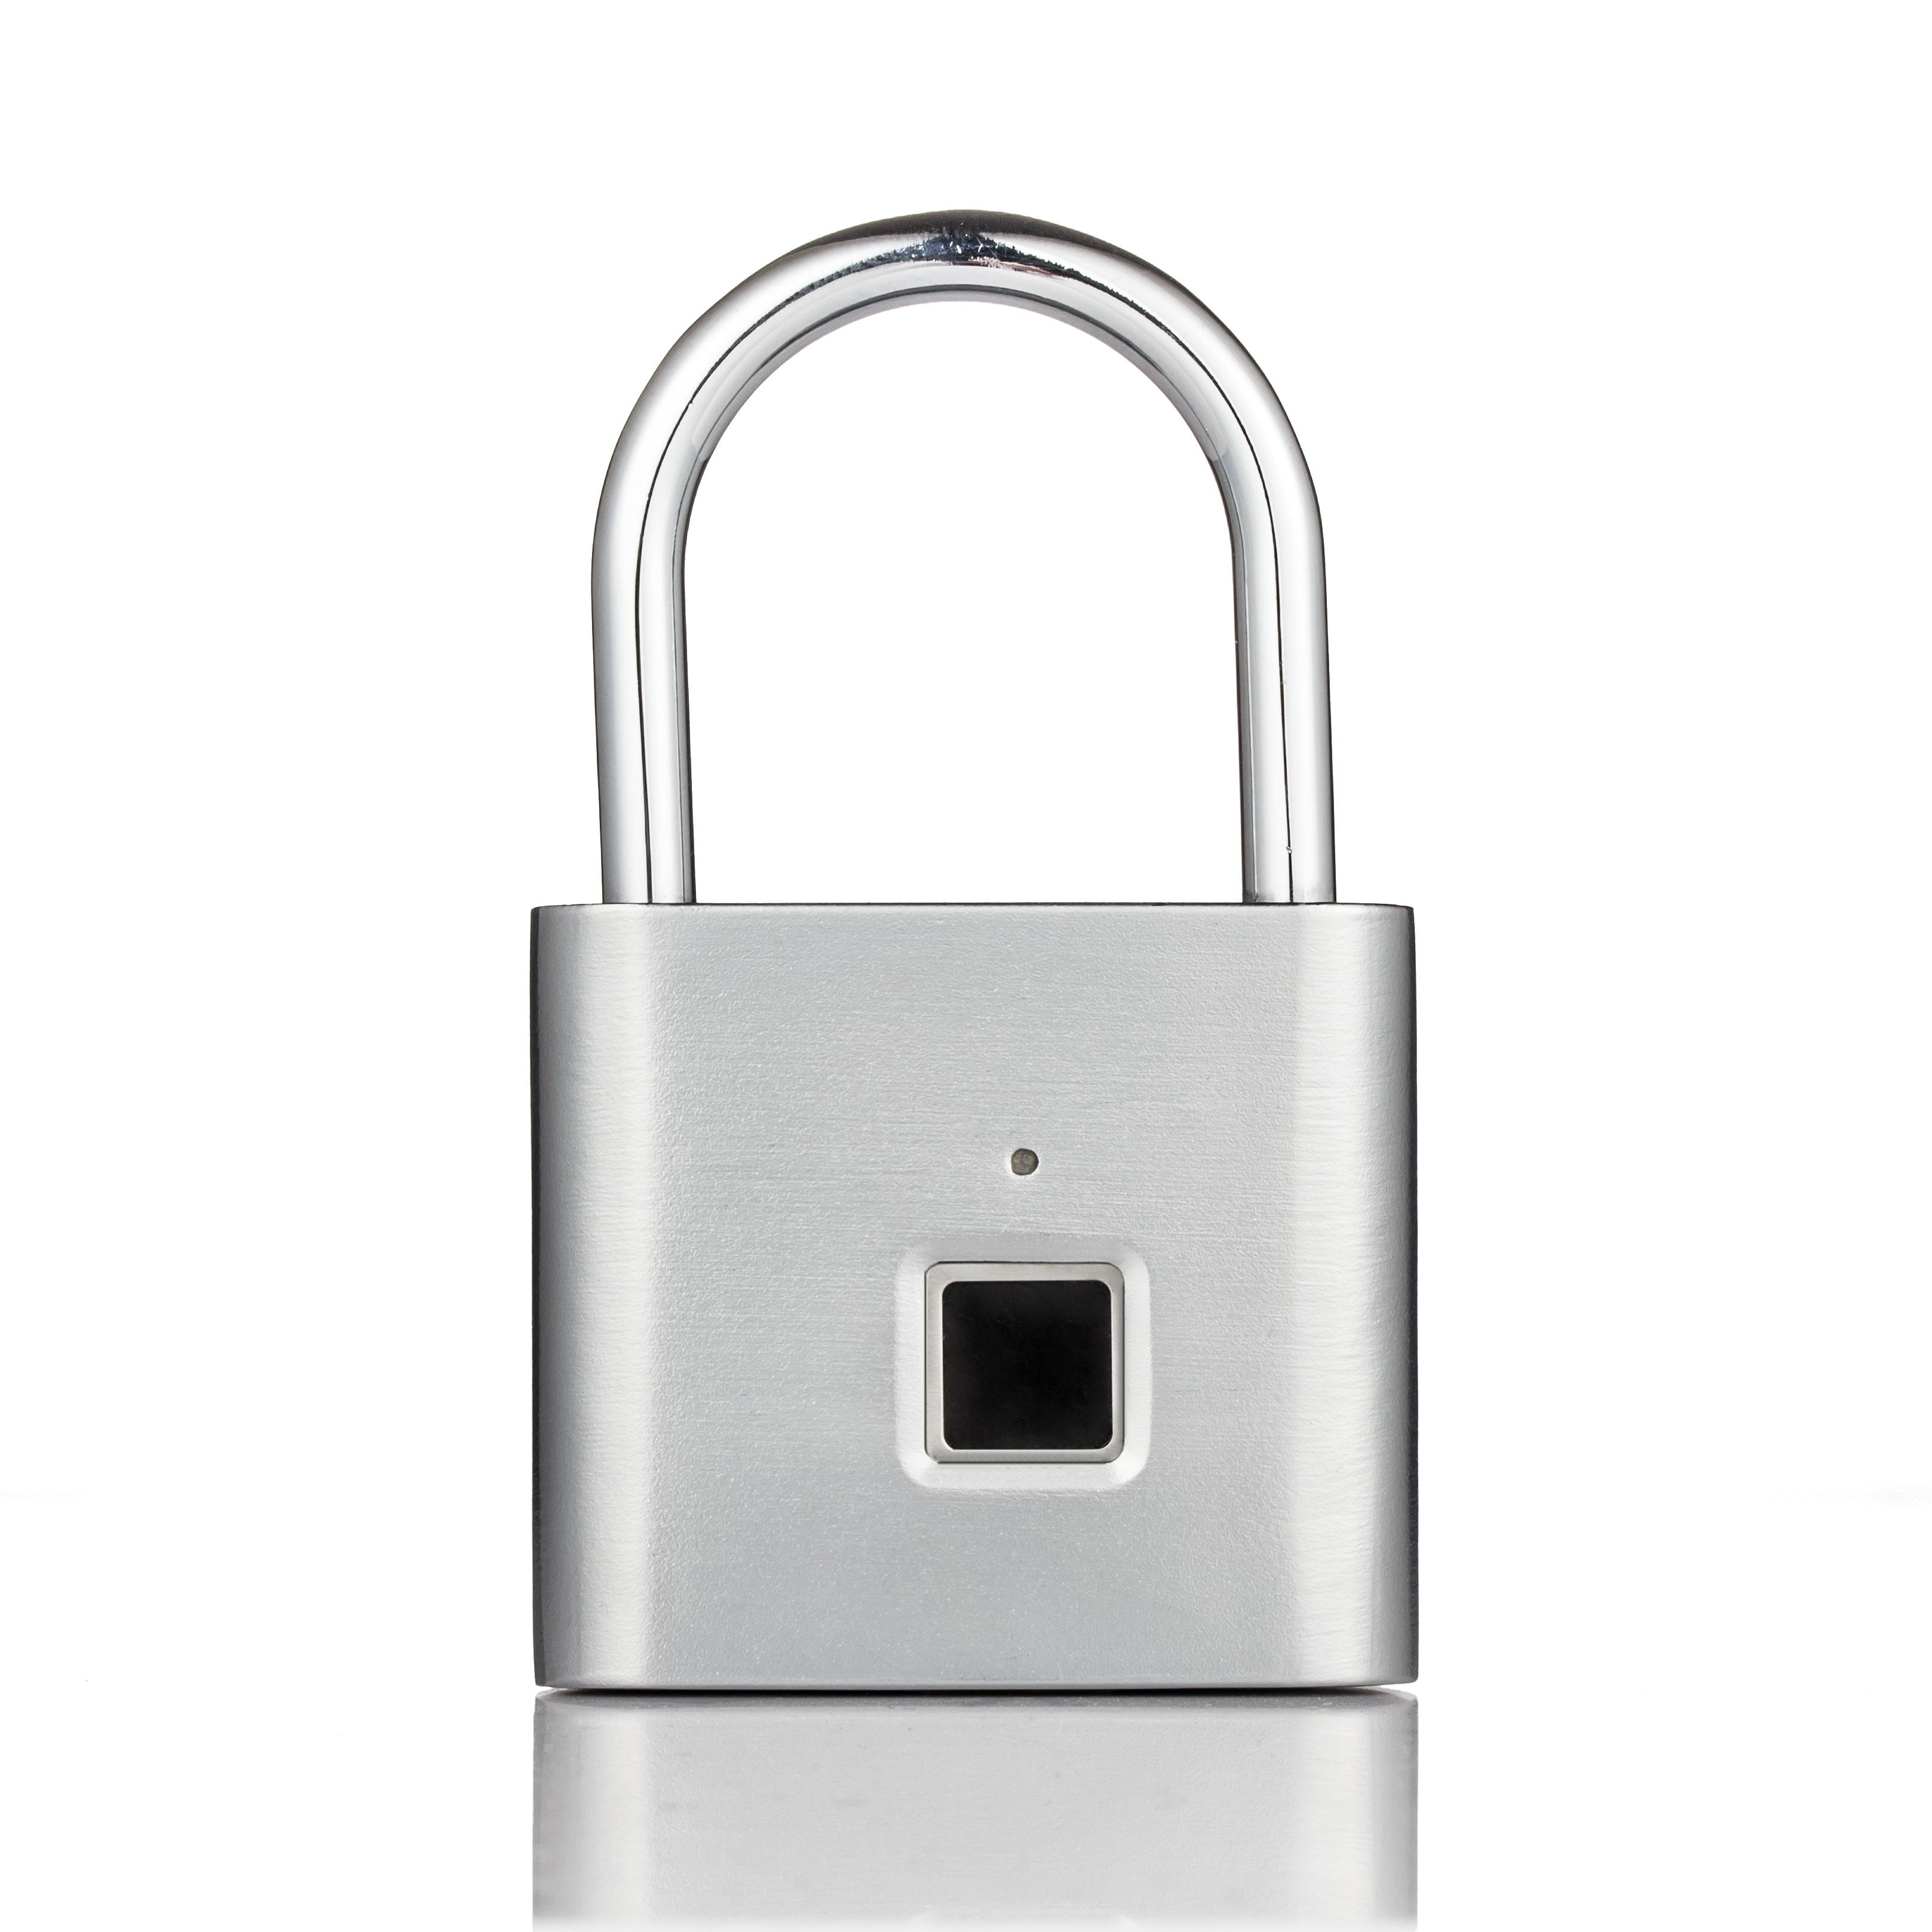 Security Keyless USB Rechargeable Door Lock Fingerprint Smart Padlock Quick Unlock Zinc Alloy Metal Self Developing Chip Silver